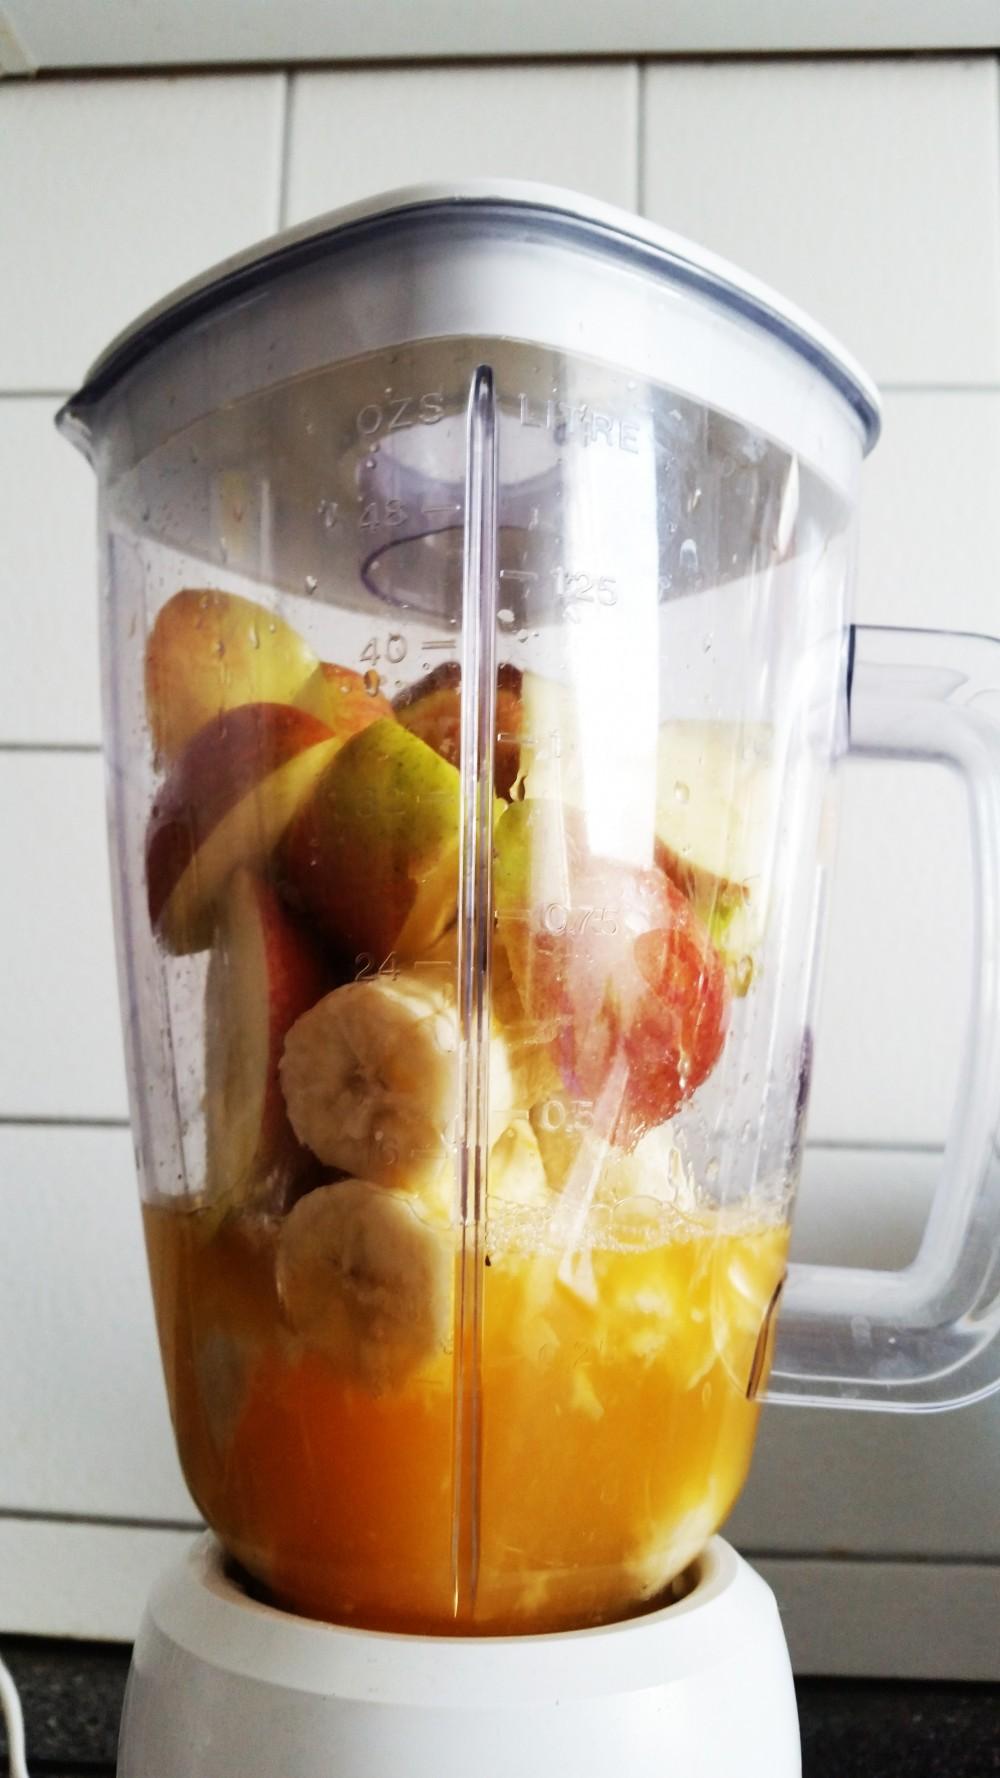 Apfel, Bananen und Orangensaft im Mixer